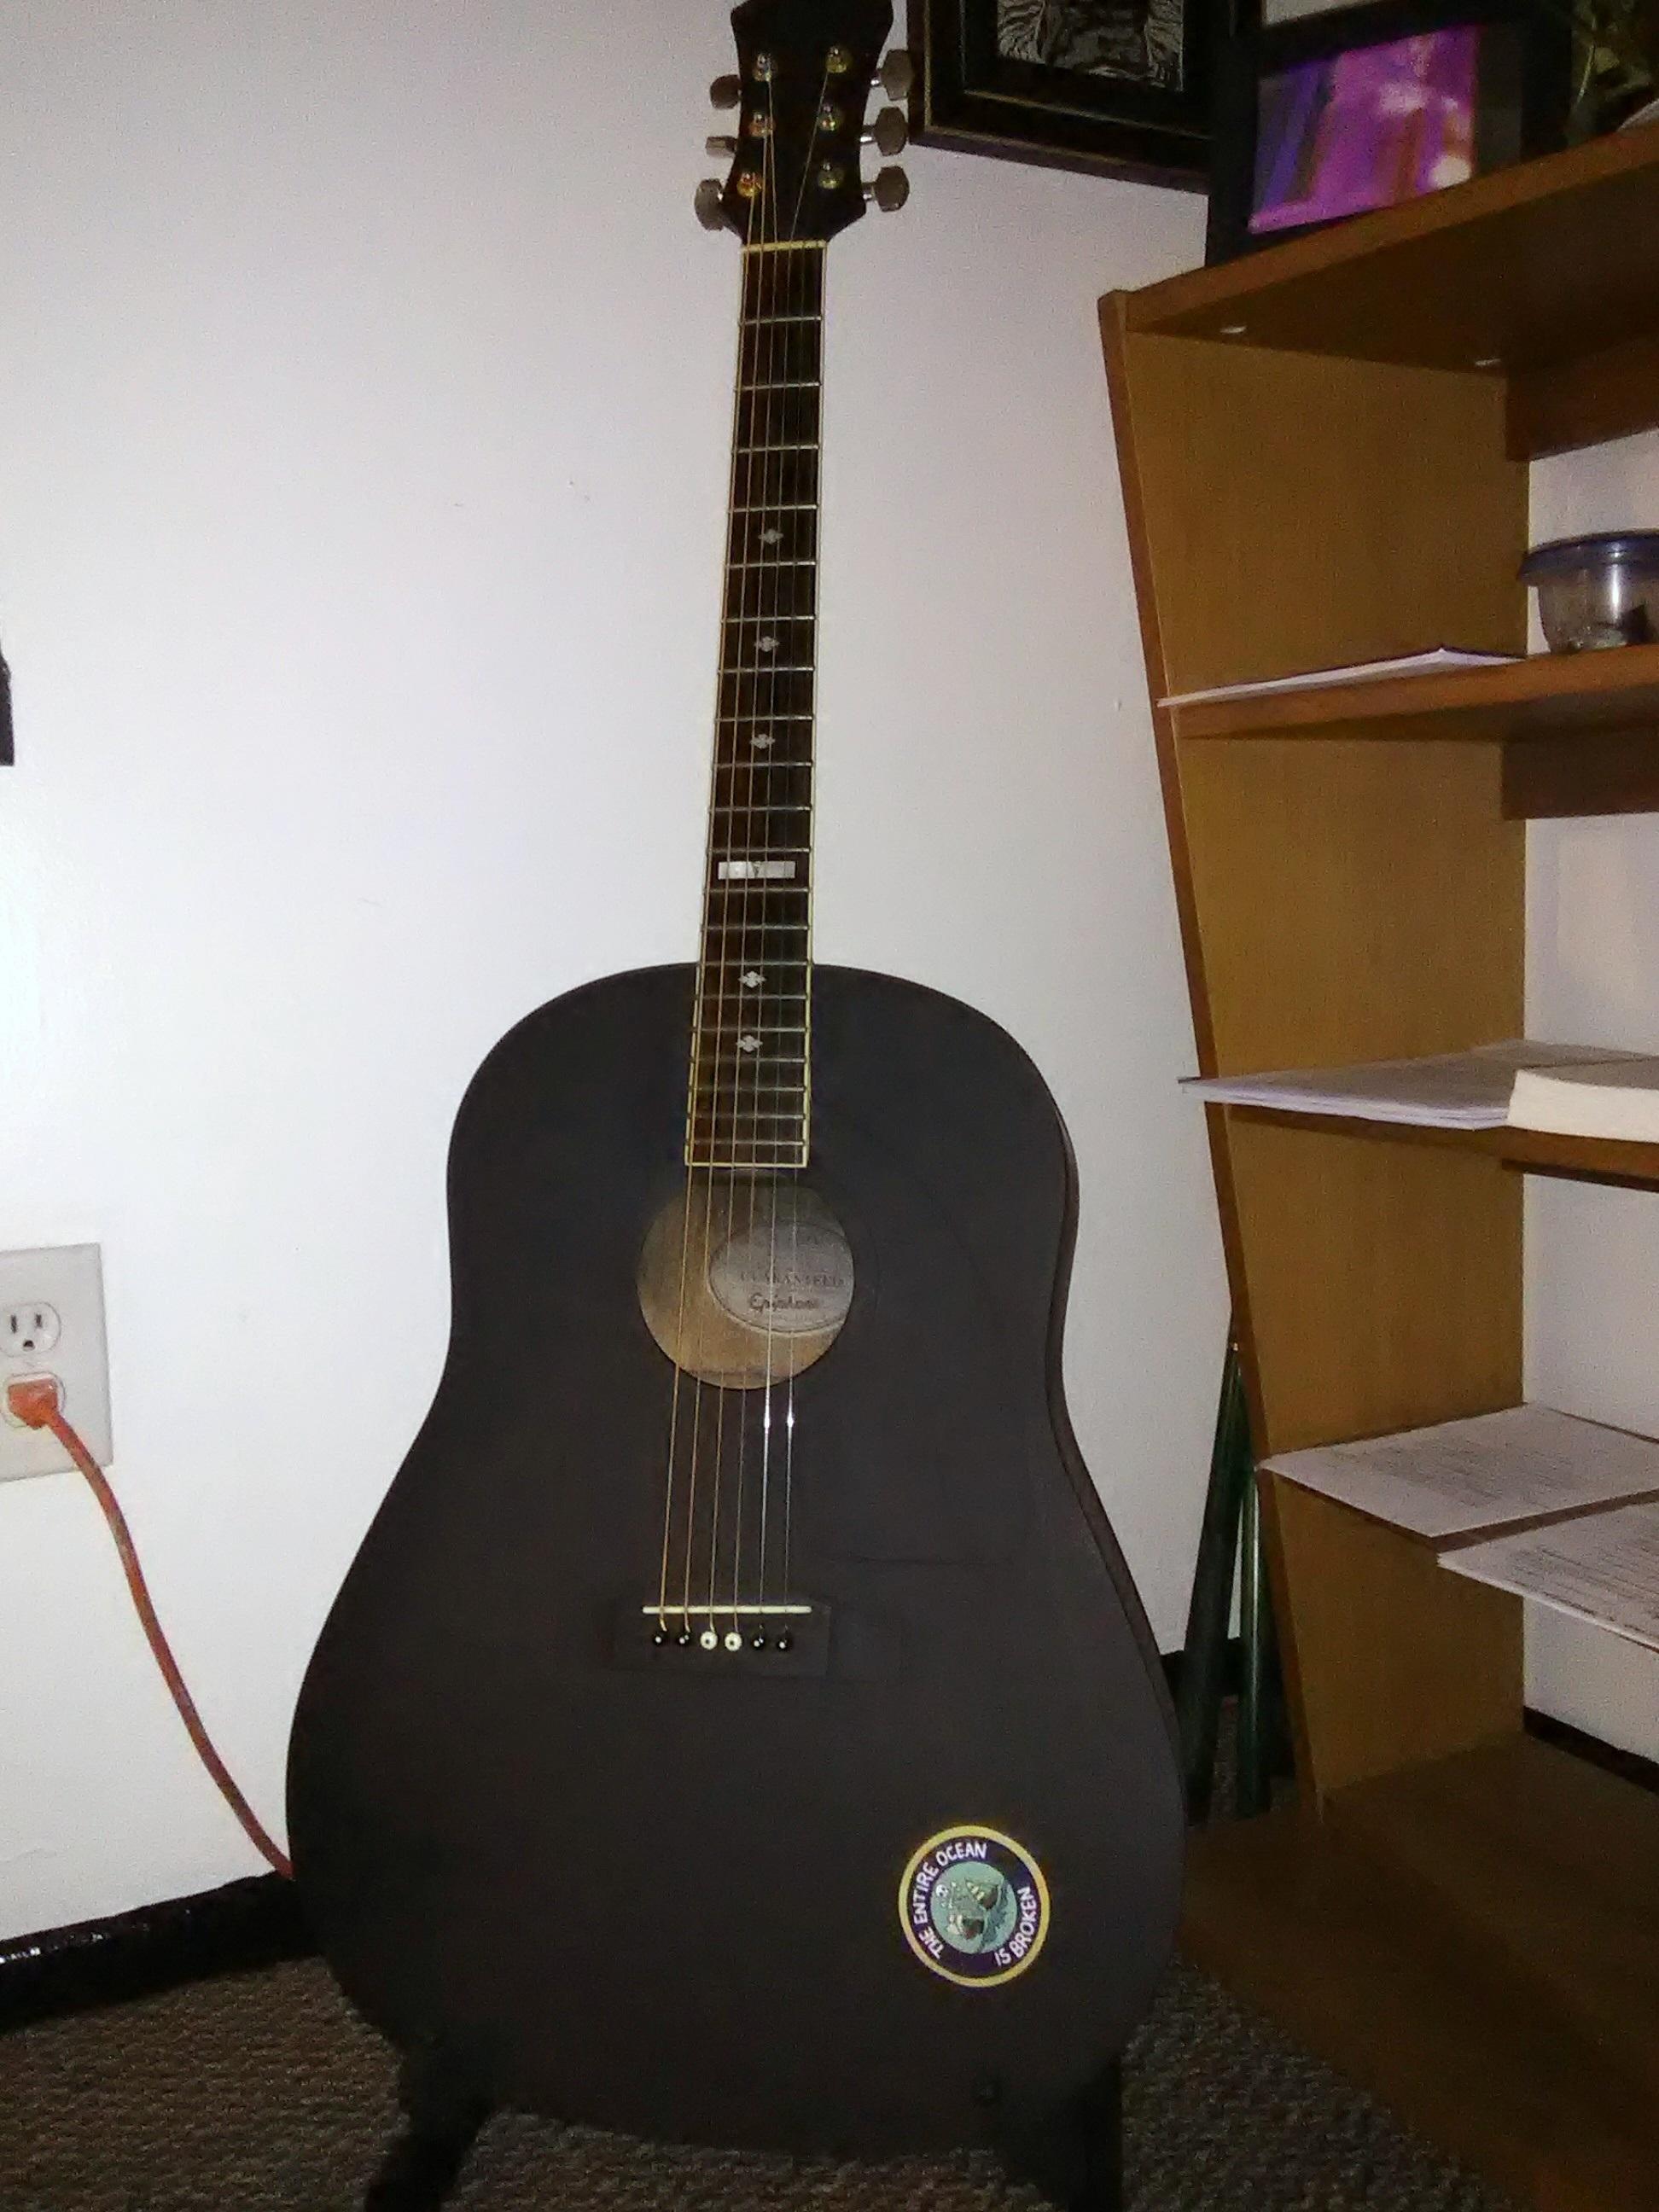 repainted guitar